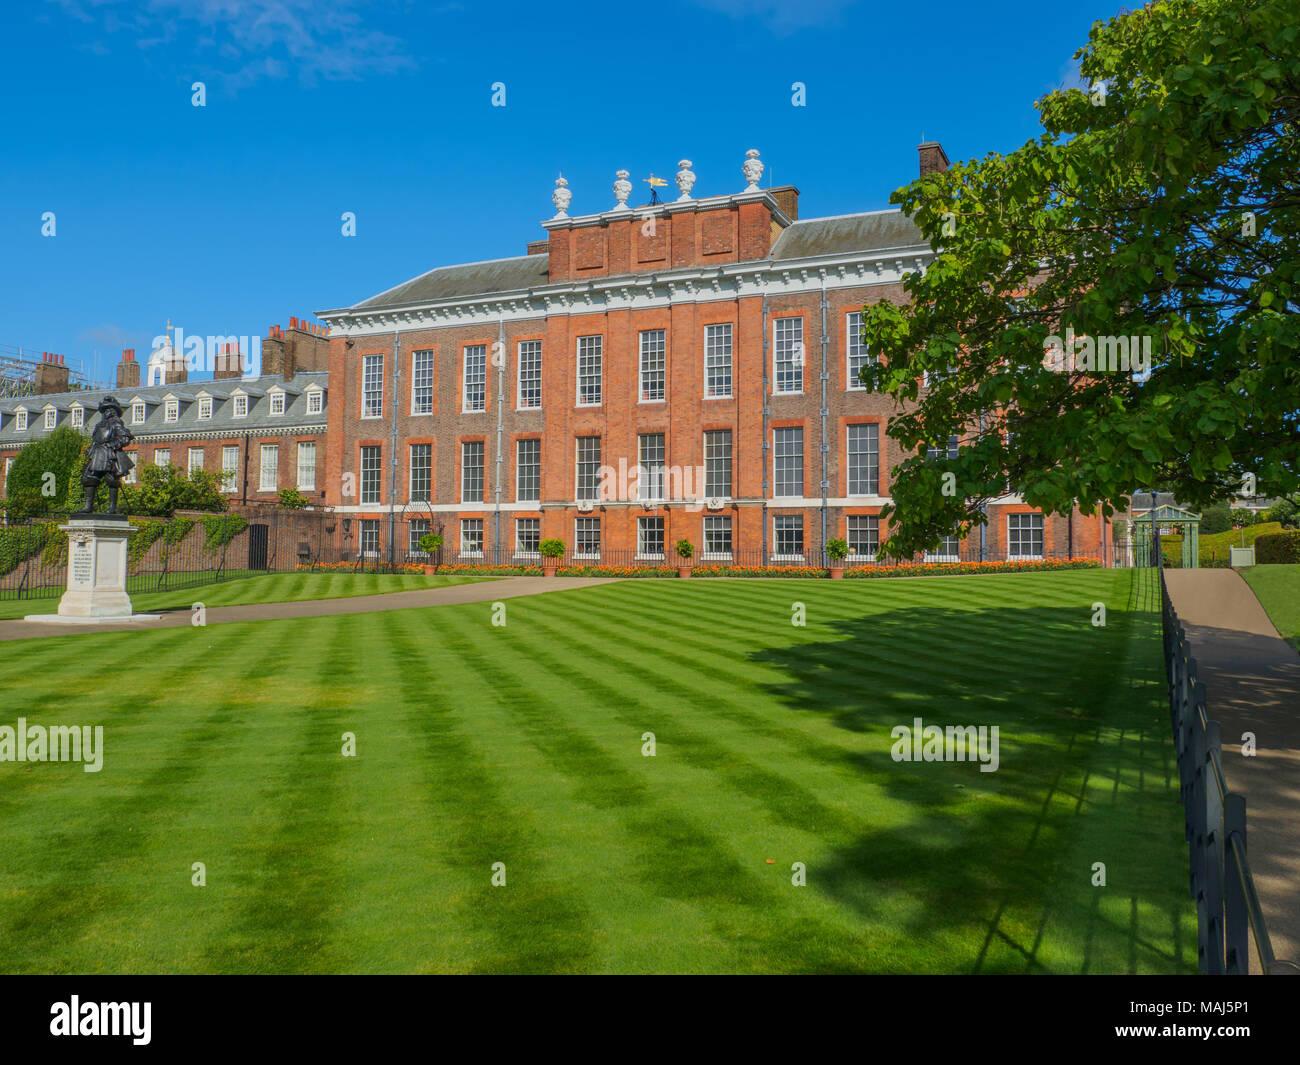 Vista del Palacio de Kensington, la residencia real, situado en los jardines de Kensington con una estatua del Rey Guillermo III en Londres en un día soleado. Imagen De Stock